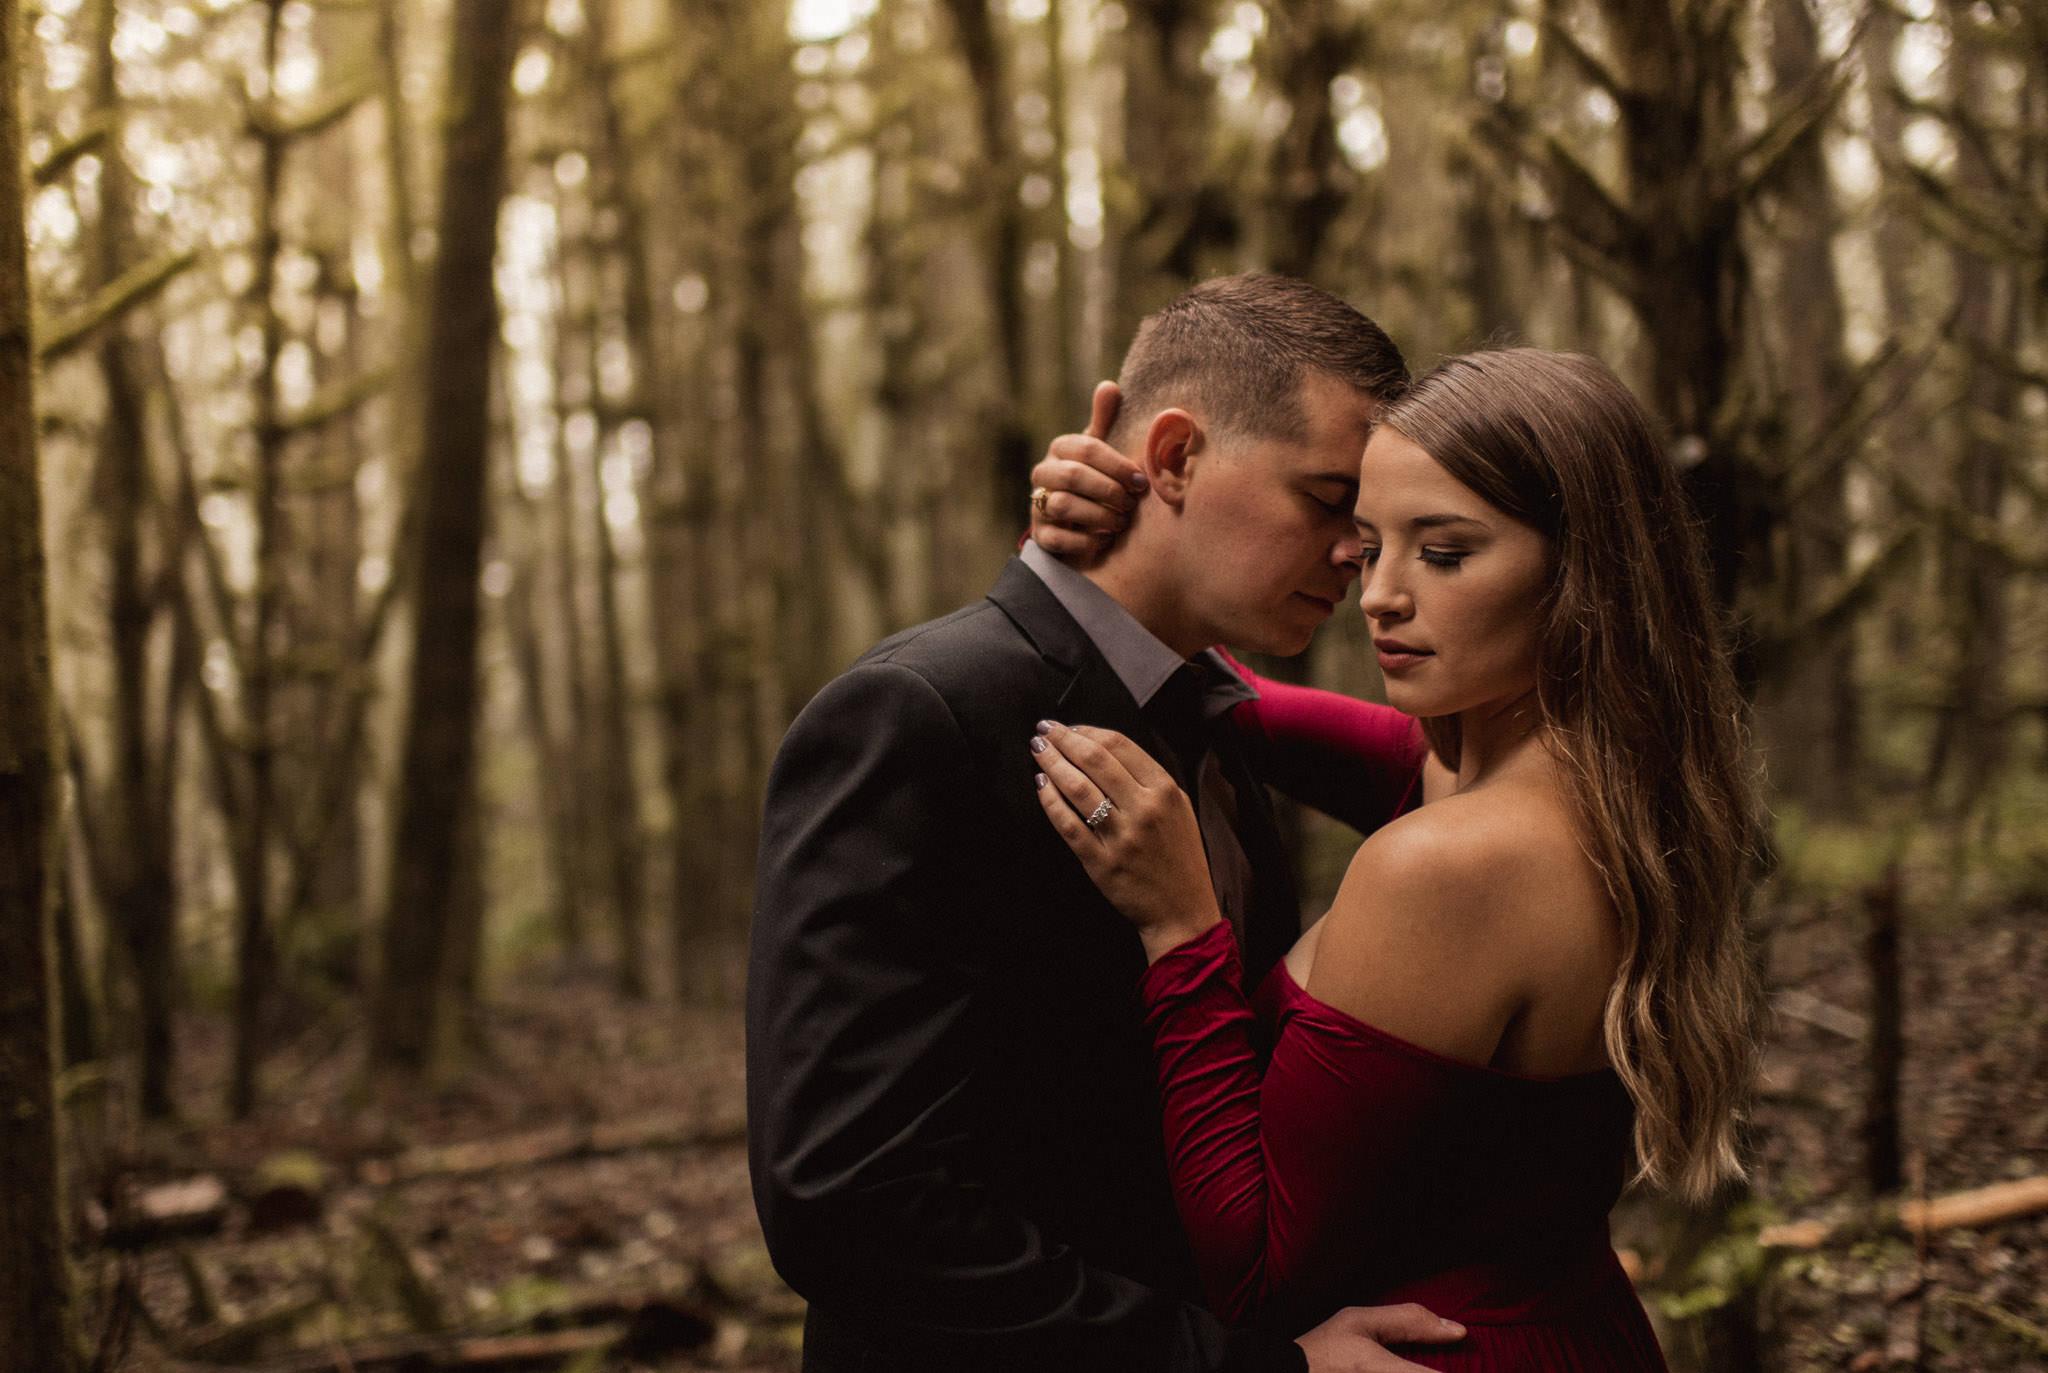 oregon-woodsy-enchated-whimiscal-rainy-ecola-state-park-engagement-session-photographer